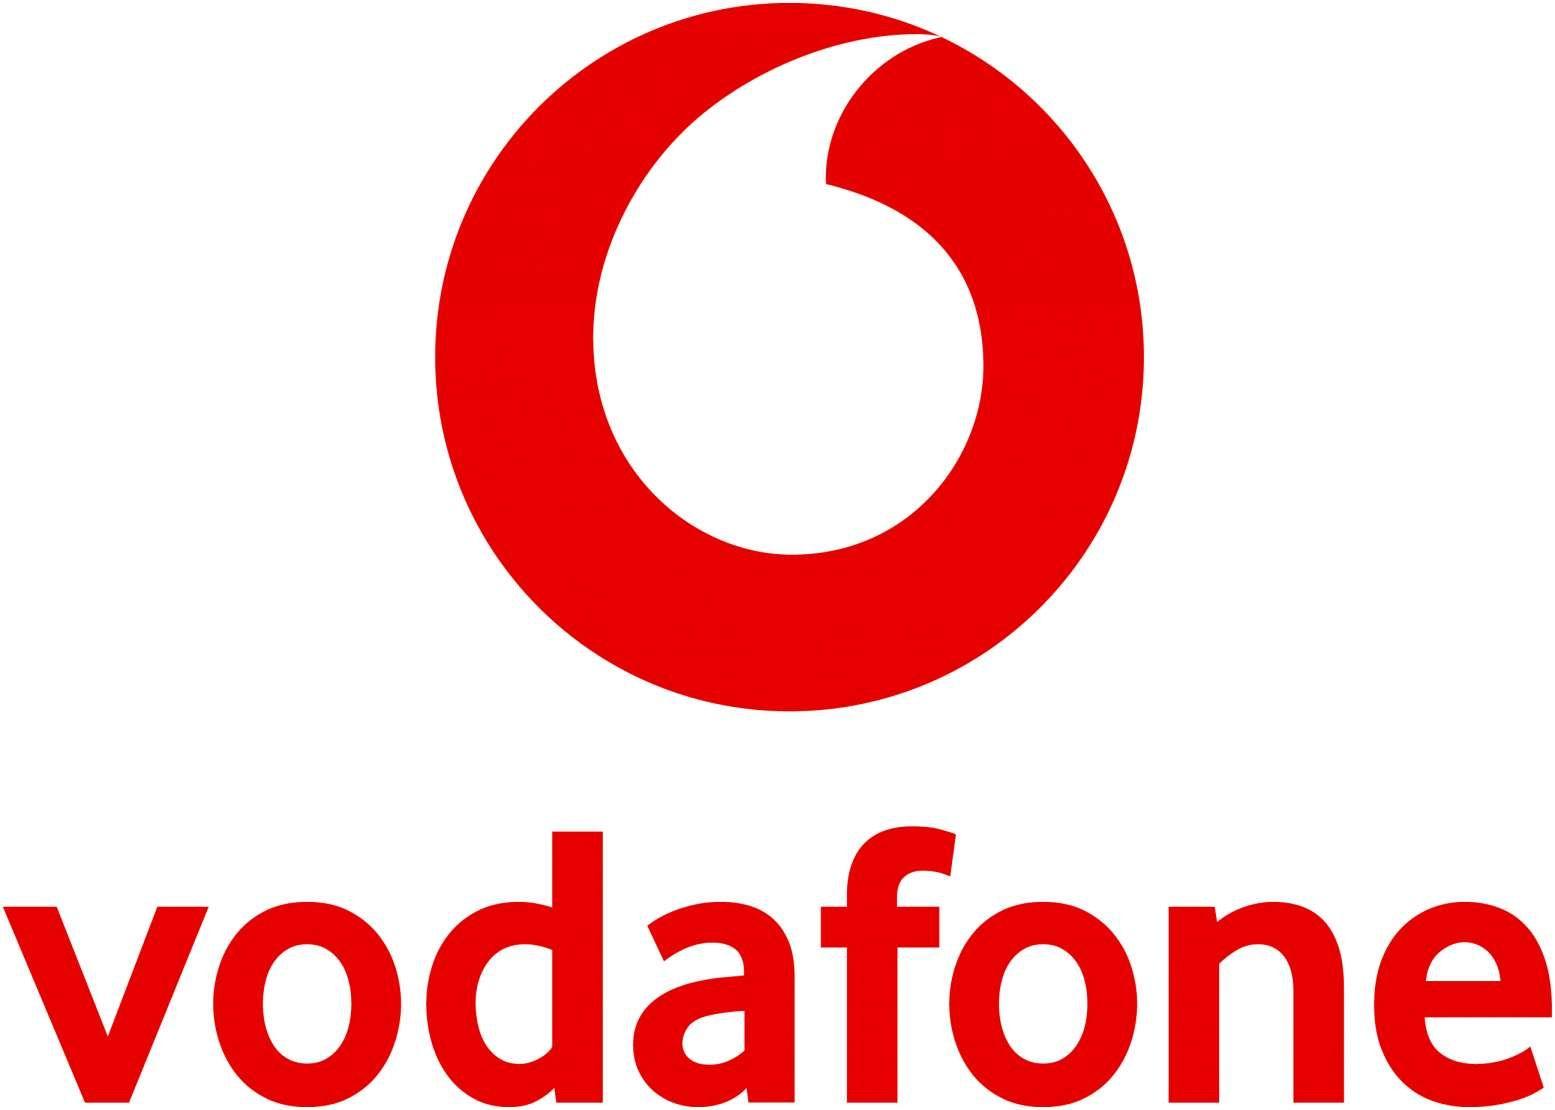 17+ Logo Vodafone Png logovodafonepng